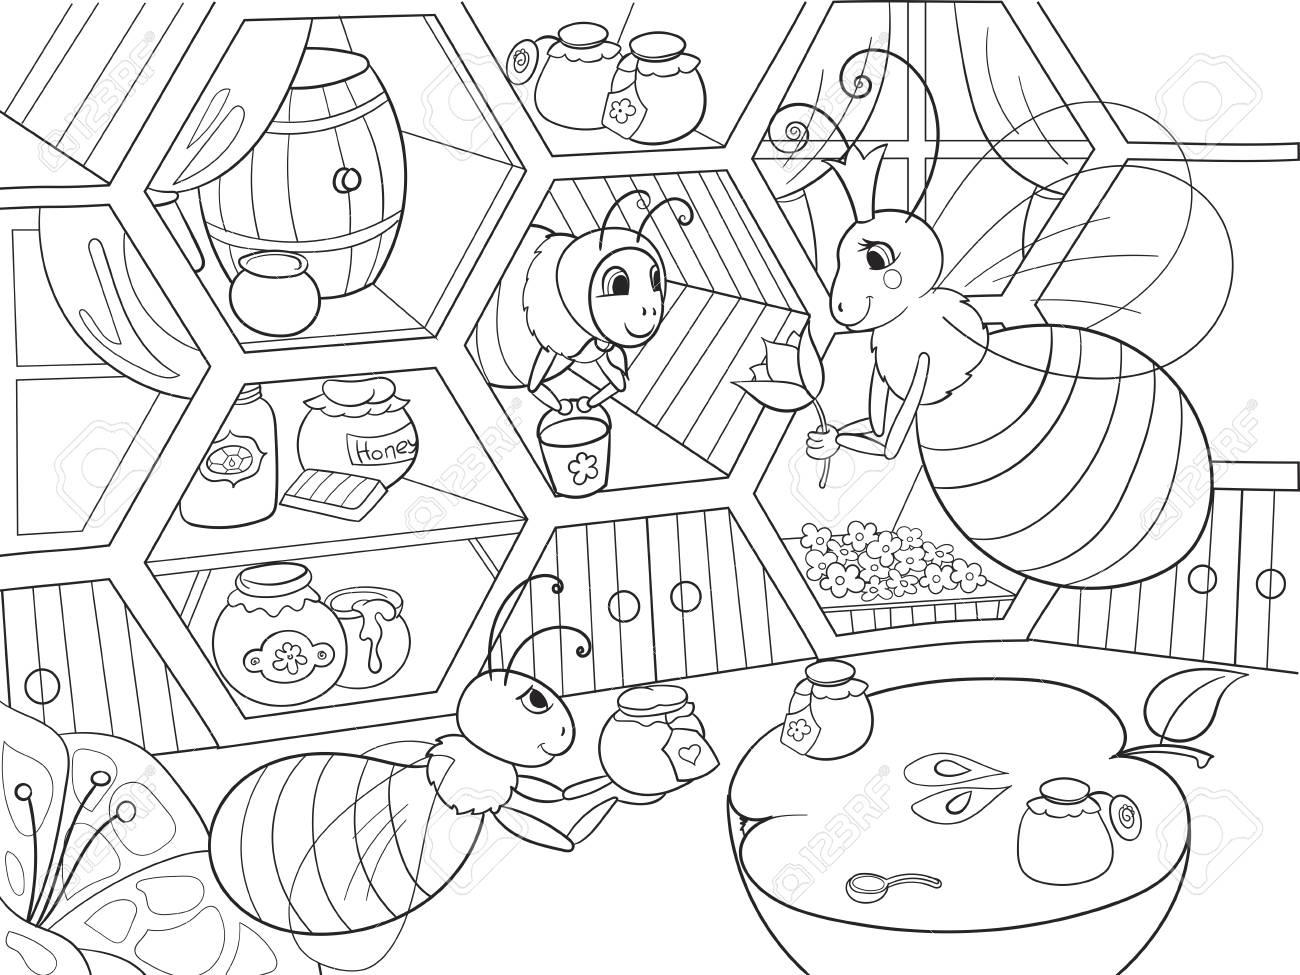 Vie Intérieure Et Familiale Des Abeilles à La Maison à Colorier Pour Illustration Vectorielle De Dessin Animé Enfants Rucher Abeille à Miel